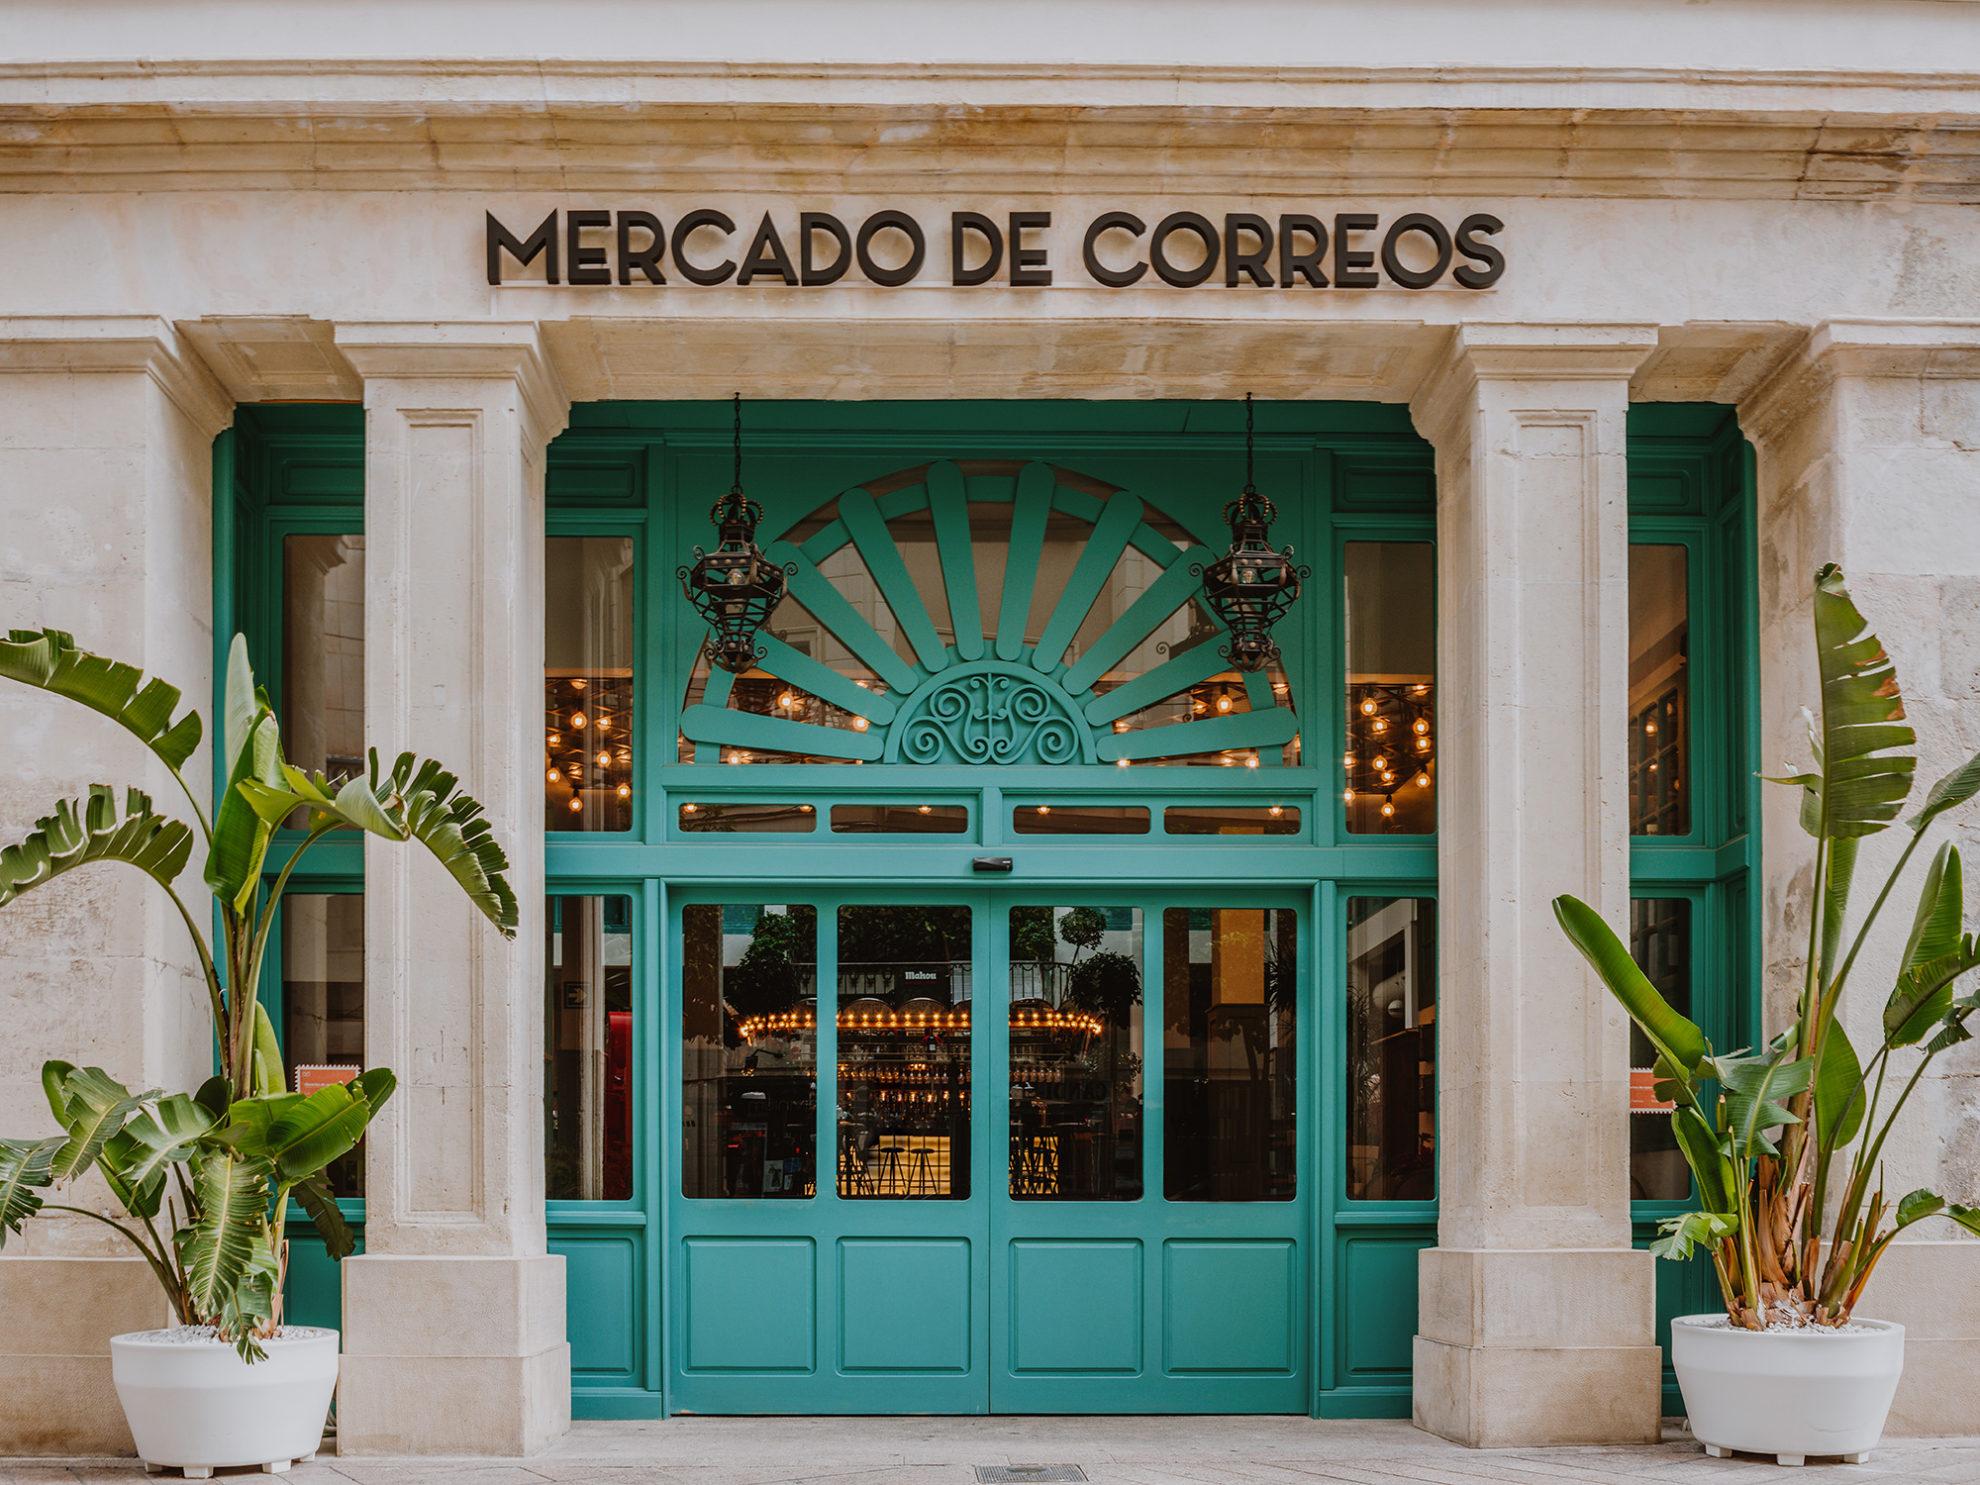 MERCADO CORREOS MURCIA-2